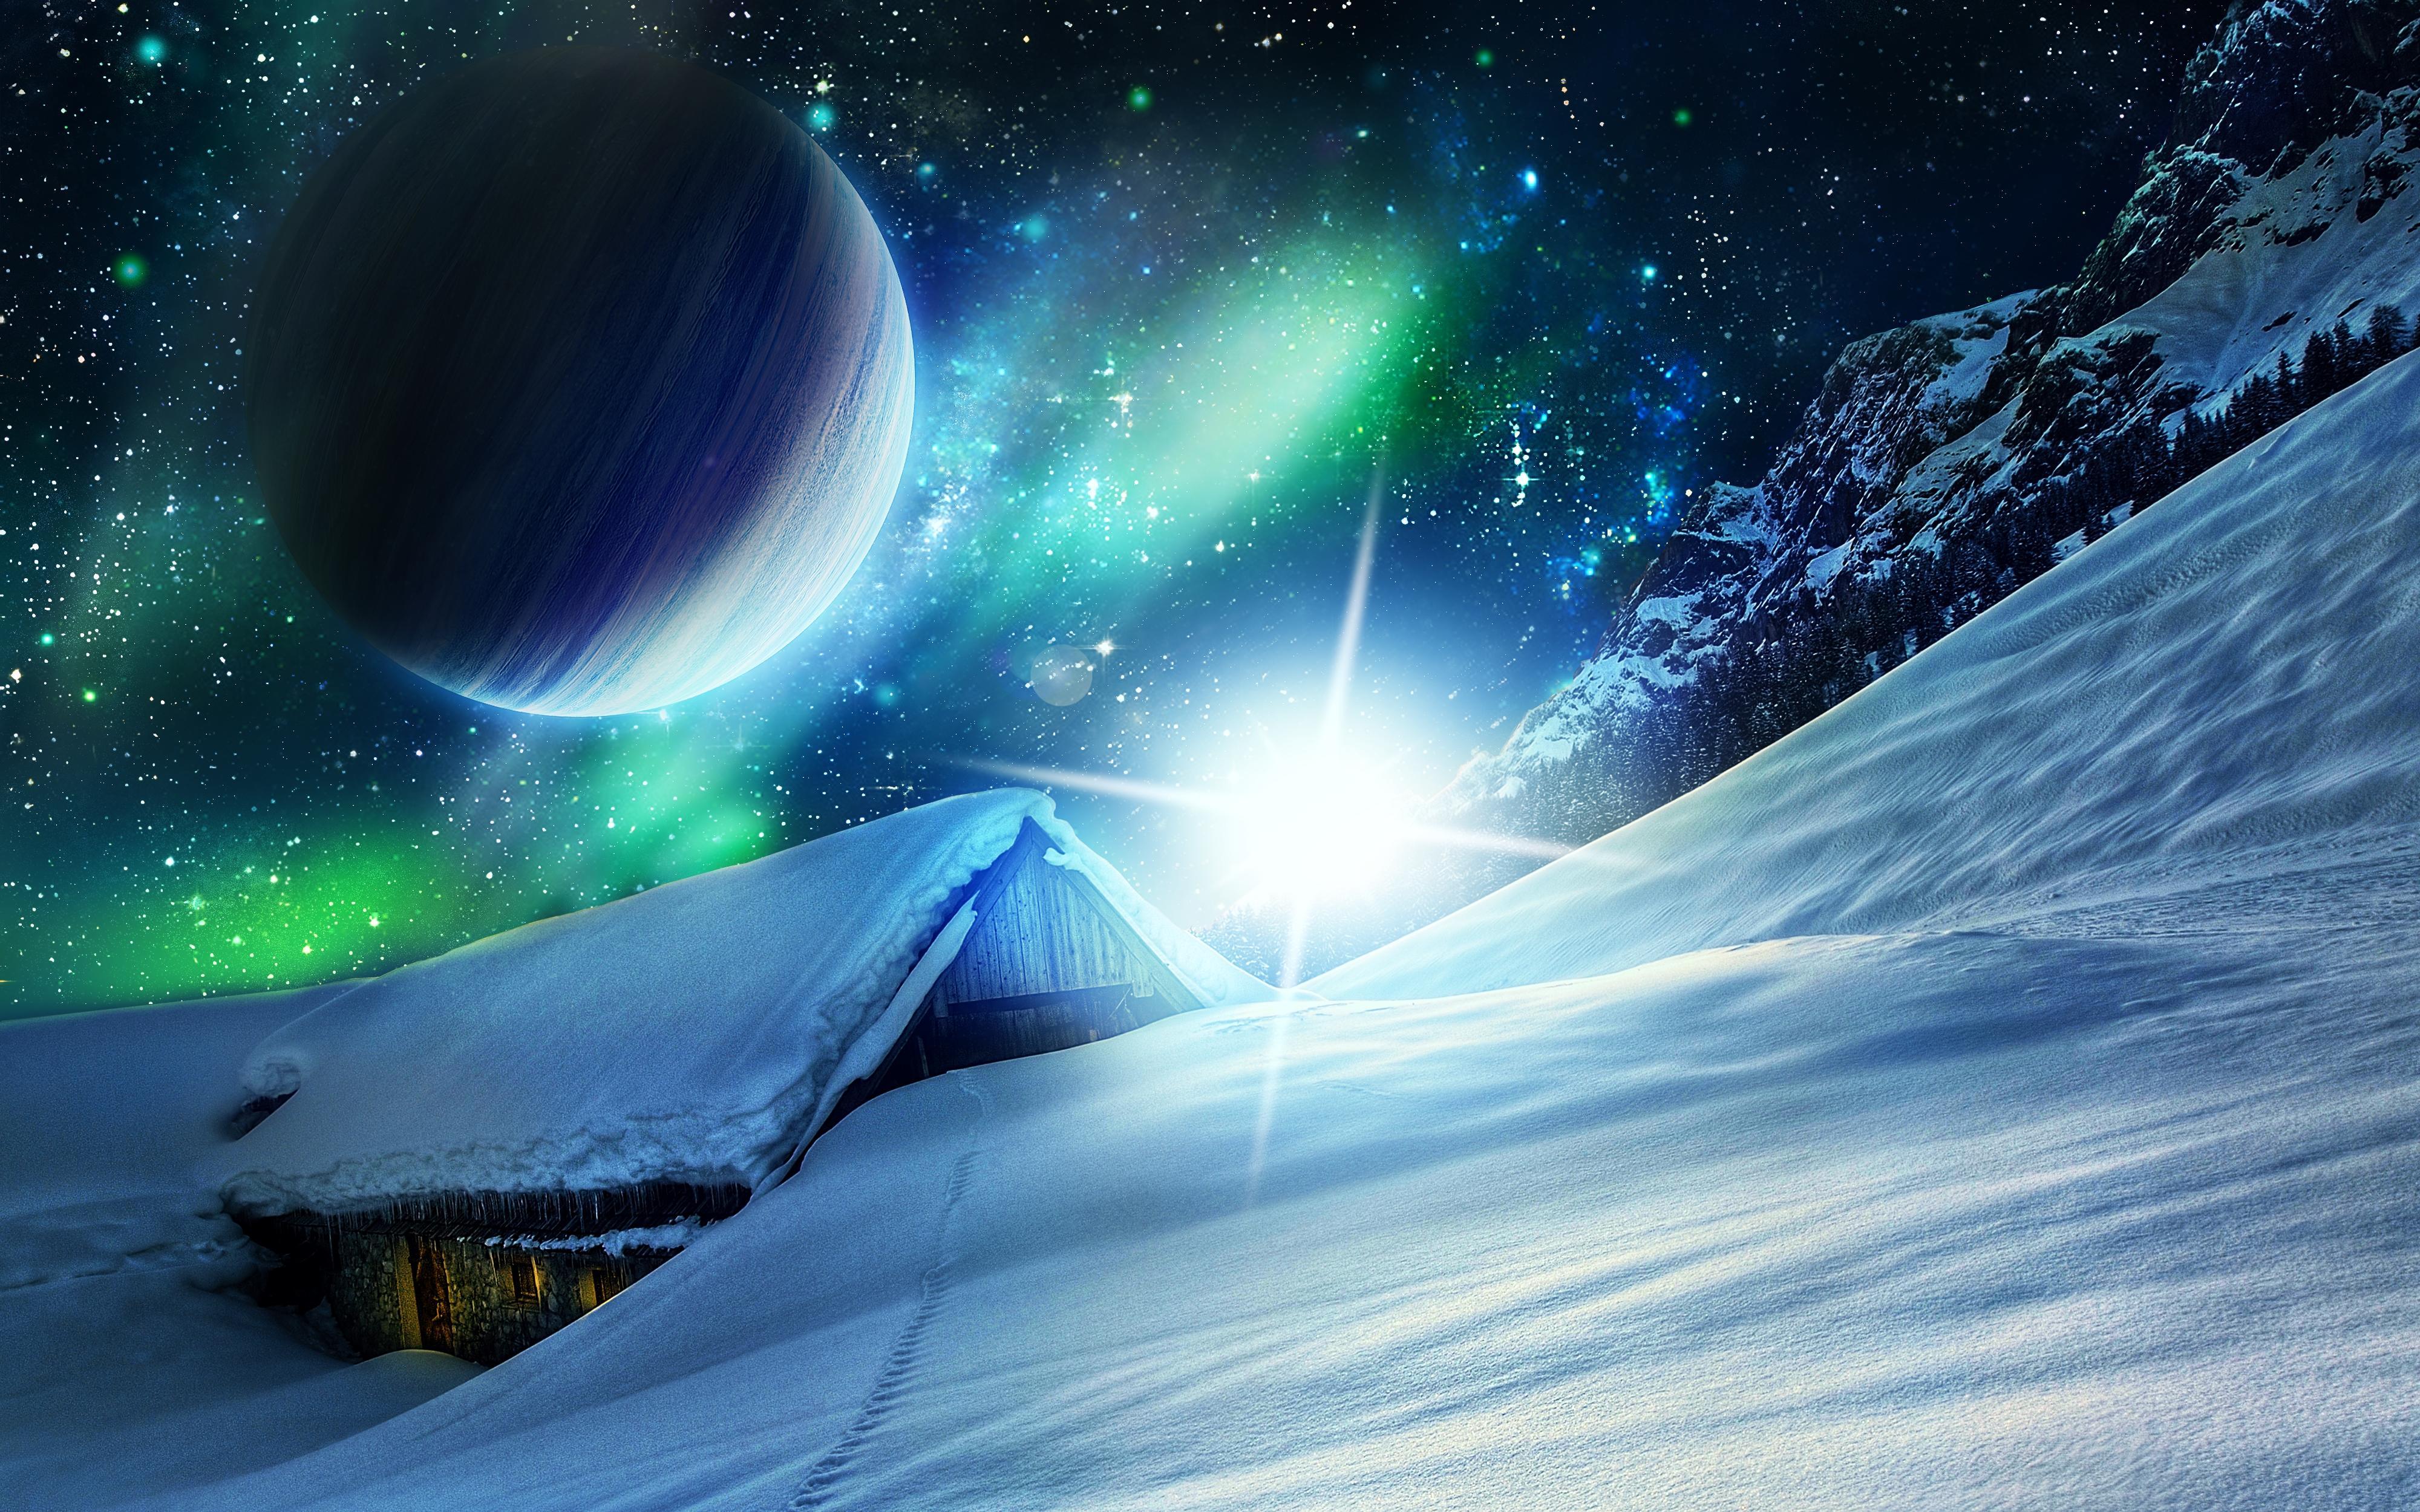 Обои Скалы планеты вода звезда картинки на рабочий стол на тему Космос - скачать  № 3553835  скачать